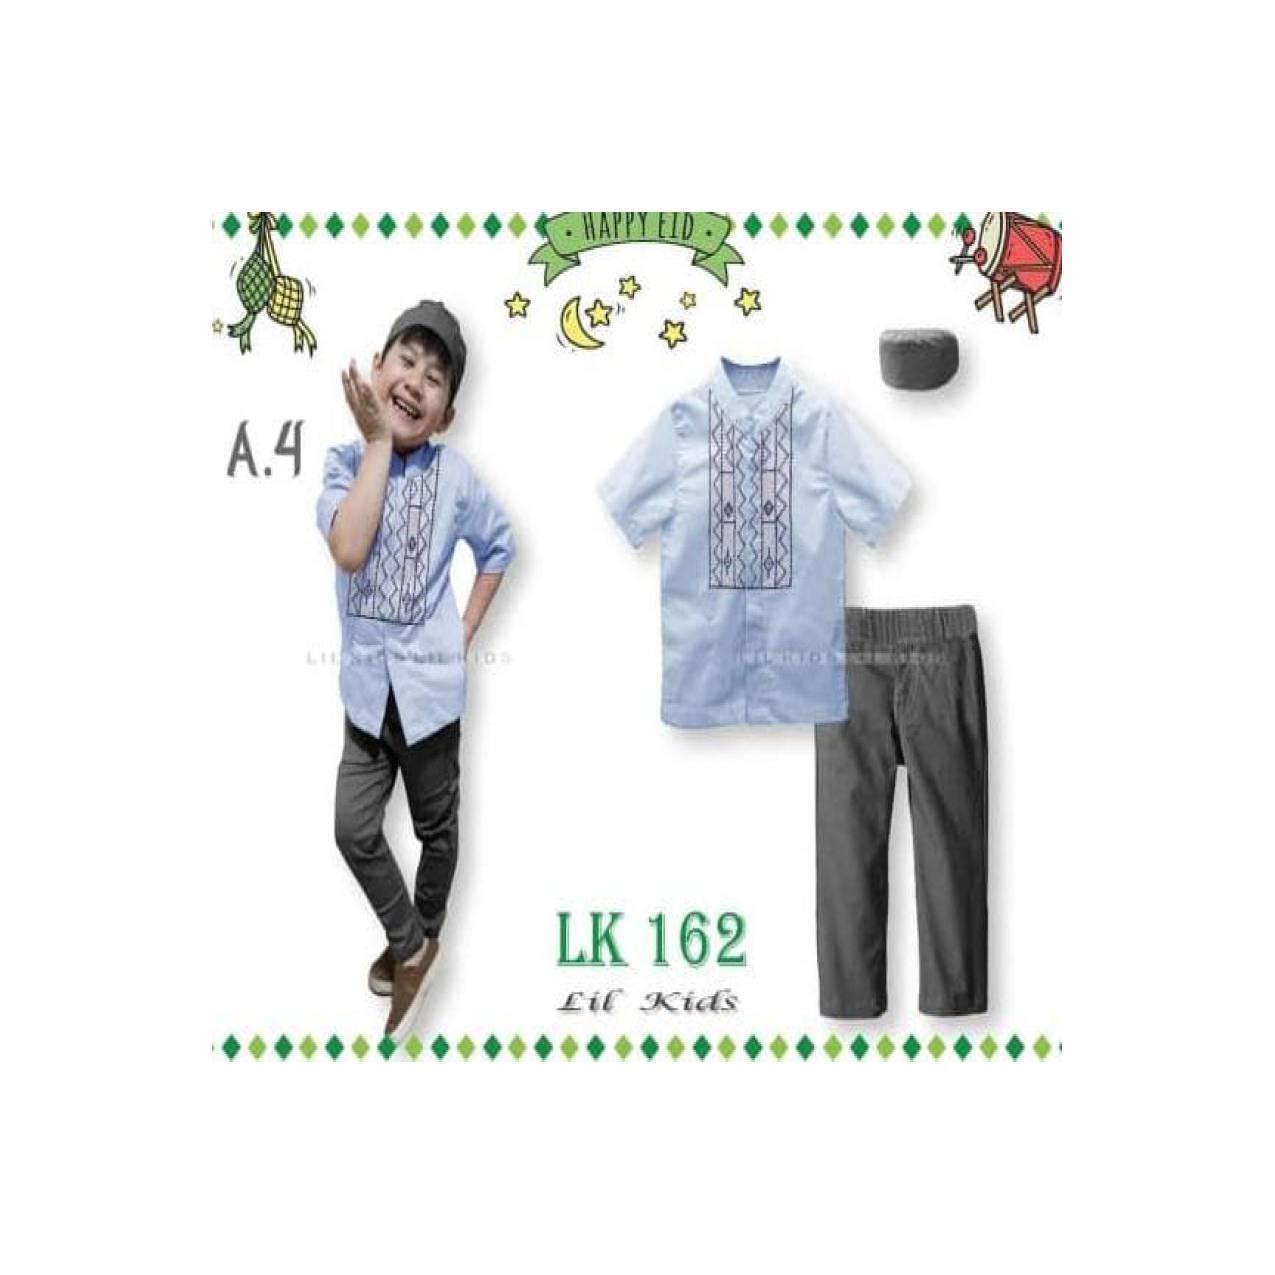 LK162 A4 Besar Baju Muslim Koko Pendek Anak Import Lebaran Peci Biru